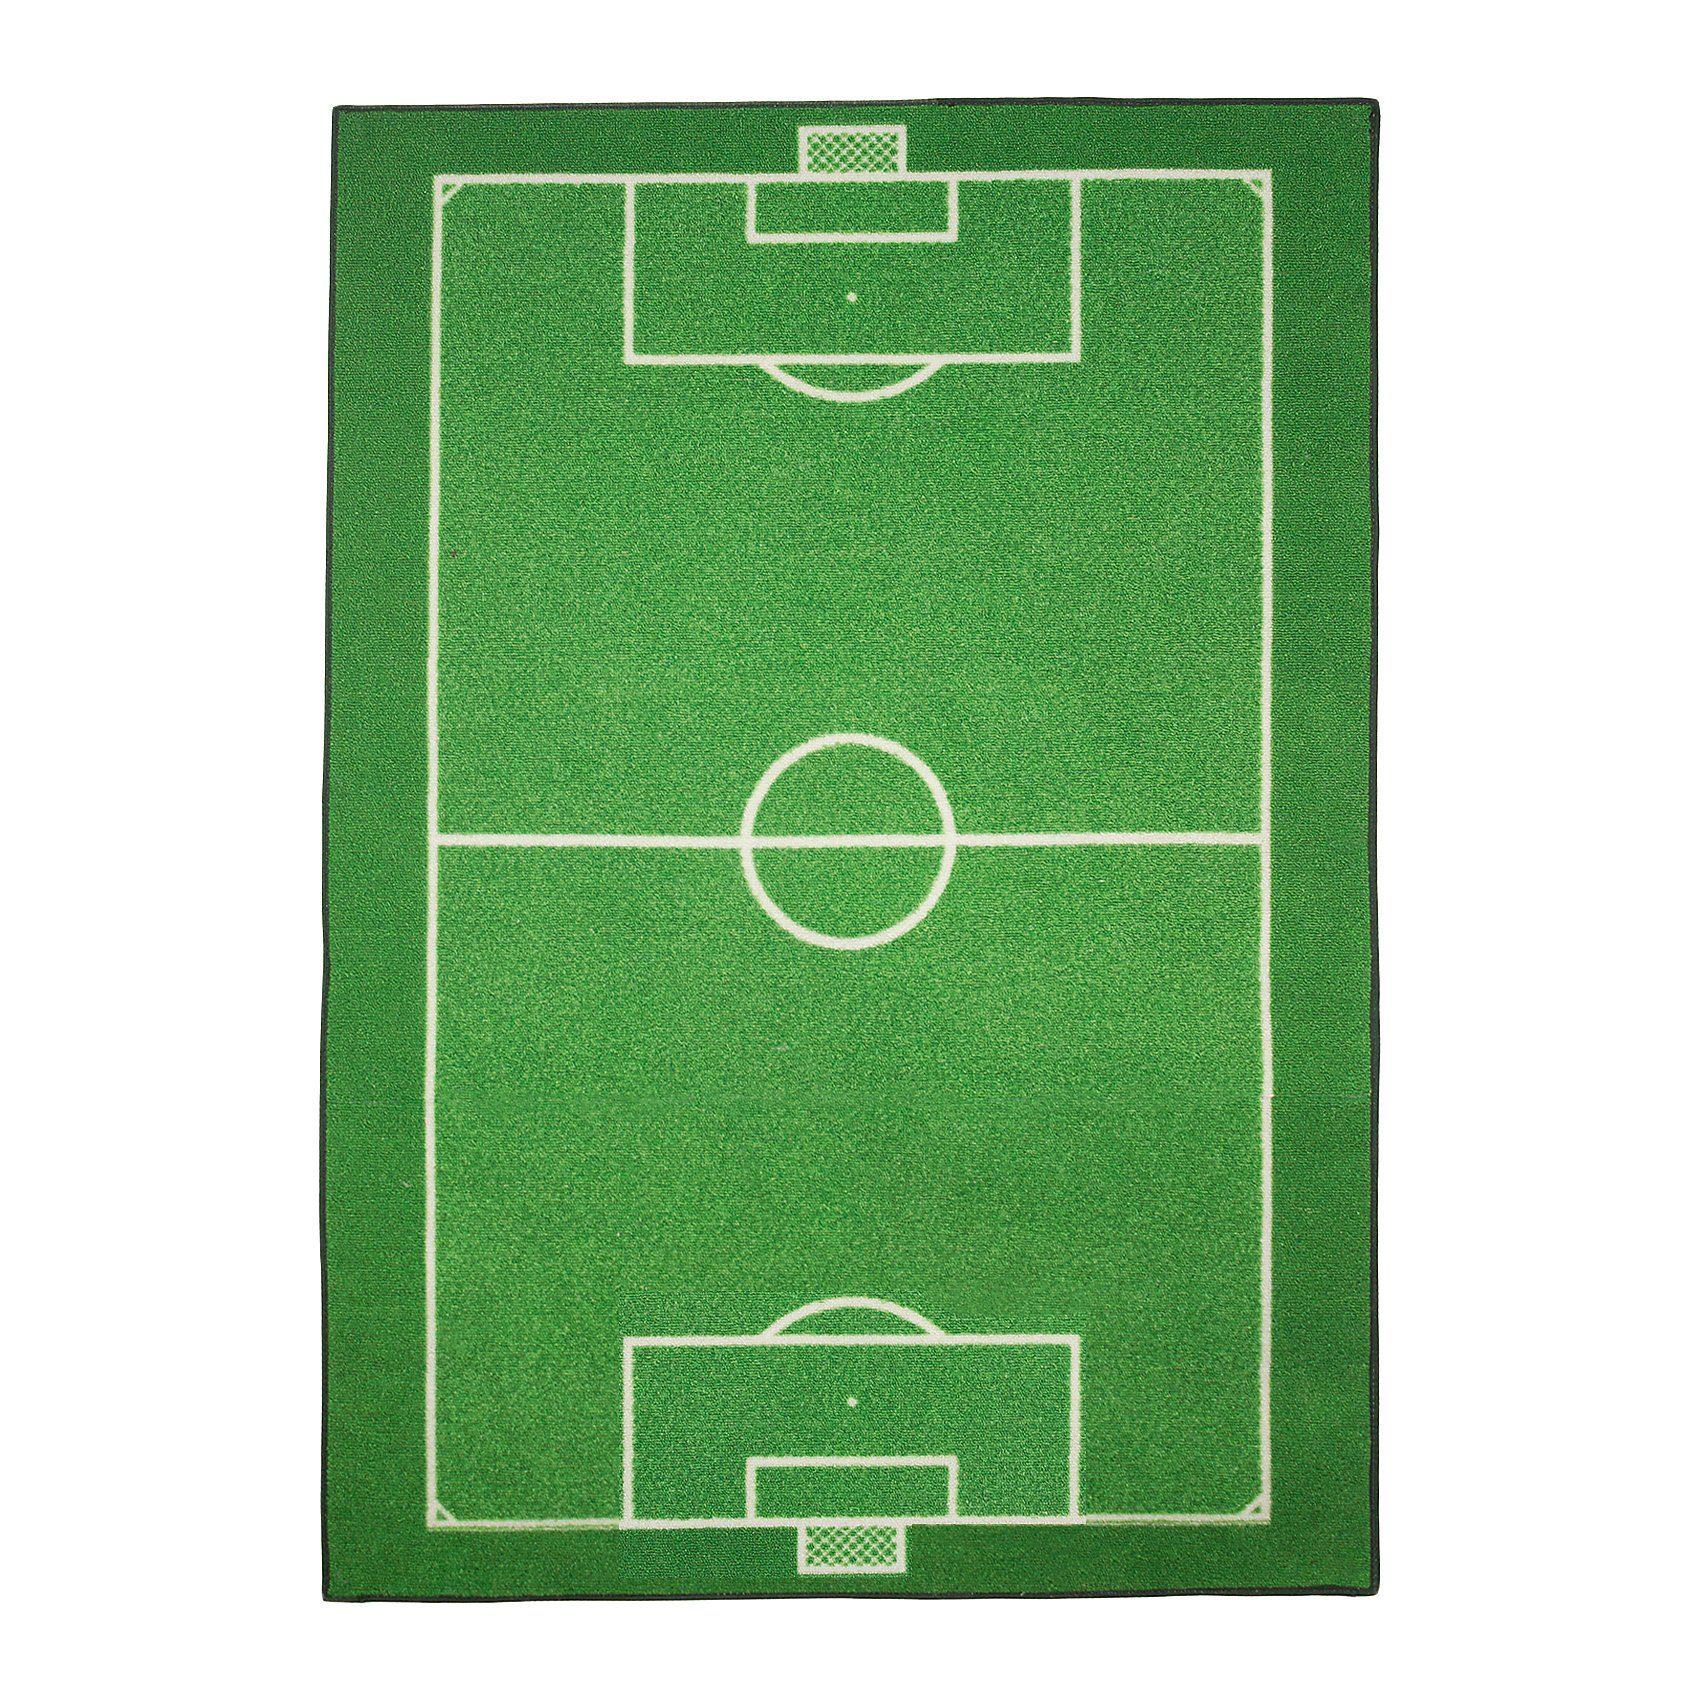 Kinderteppich Fußballfeld, grün, 95 x 133 cm